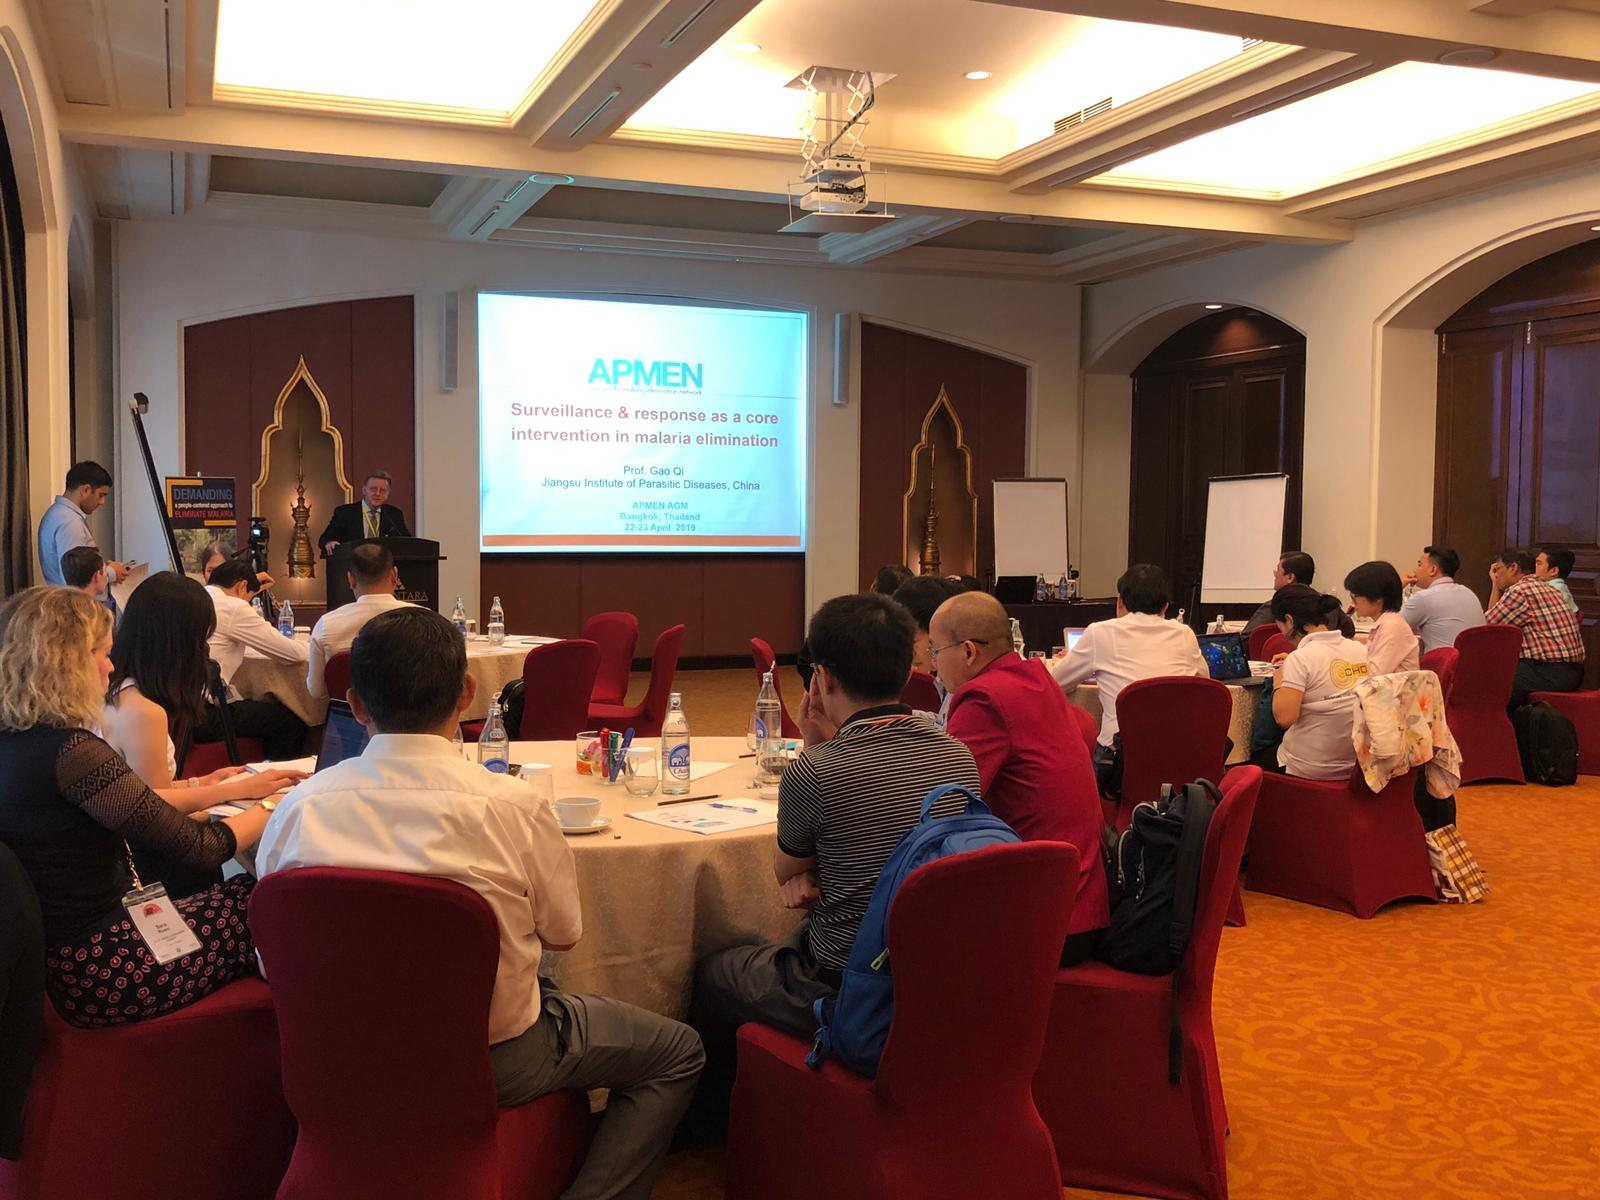 Giám đốc Trung tâm CHD tham gia cuộc họp khu vực về mạng lưới các tổ chức làm về phòng chống và loại trừ sốt rét